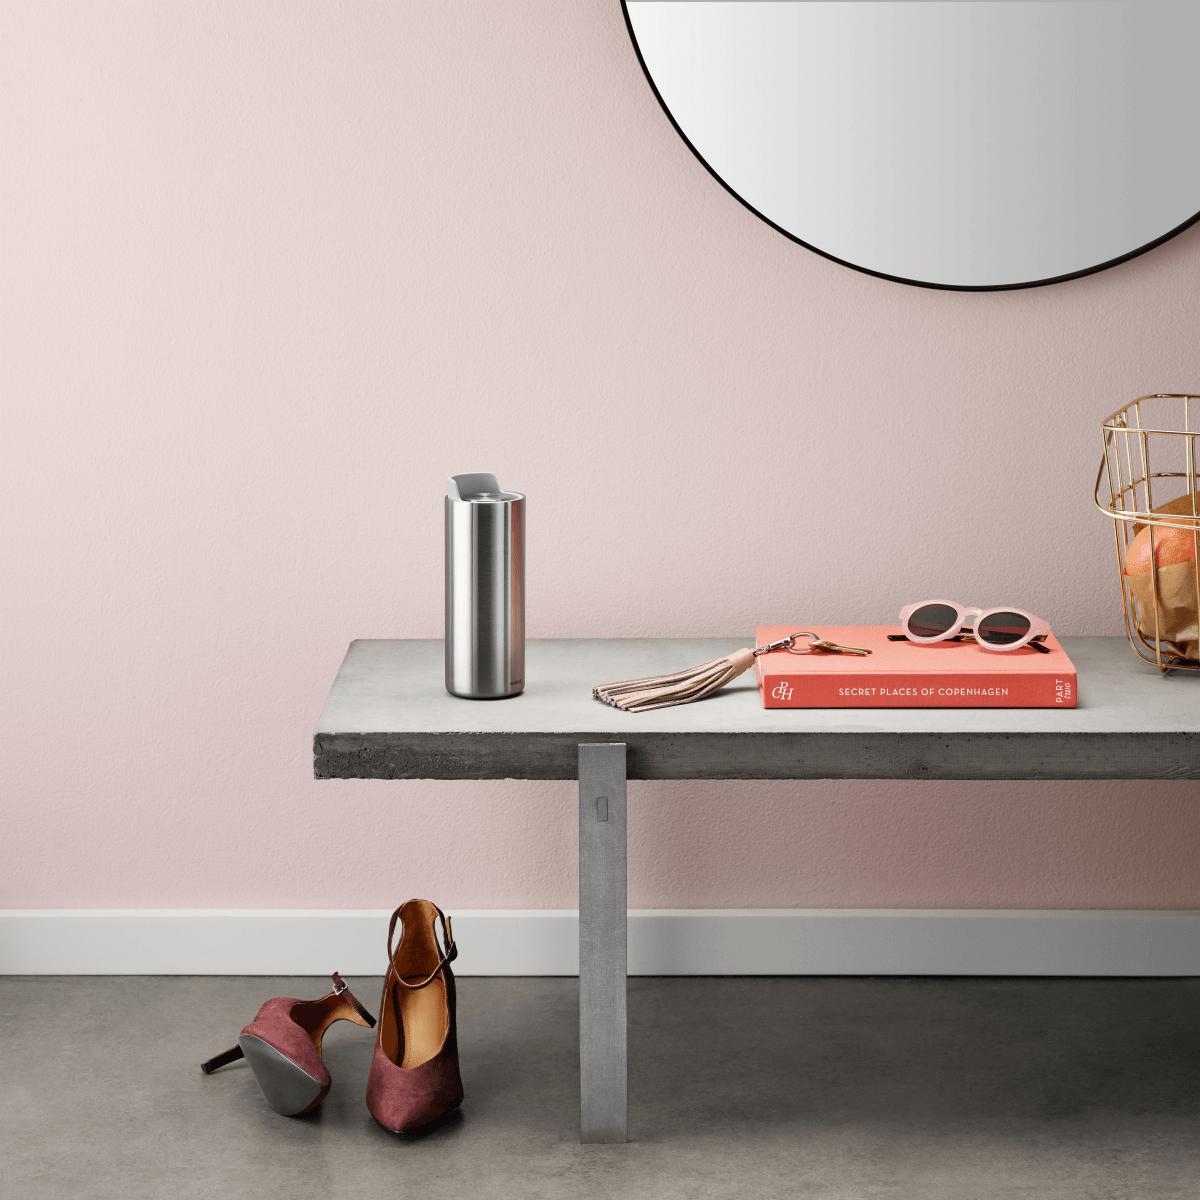 Jarras termo, tazas portátiles y cafeteras de Eva Solo (diseño danés)